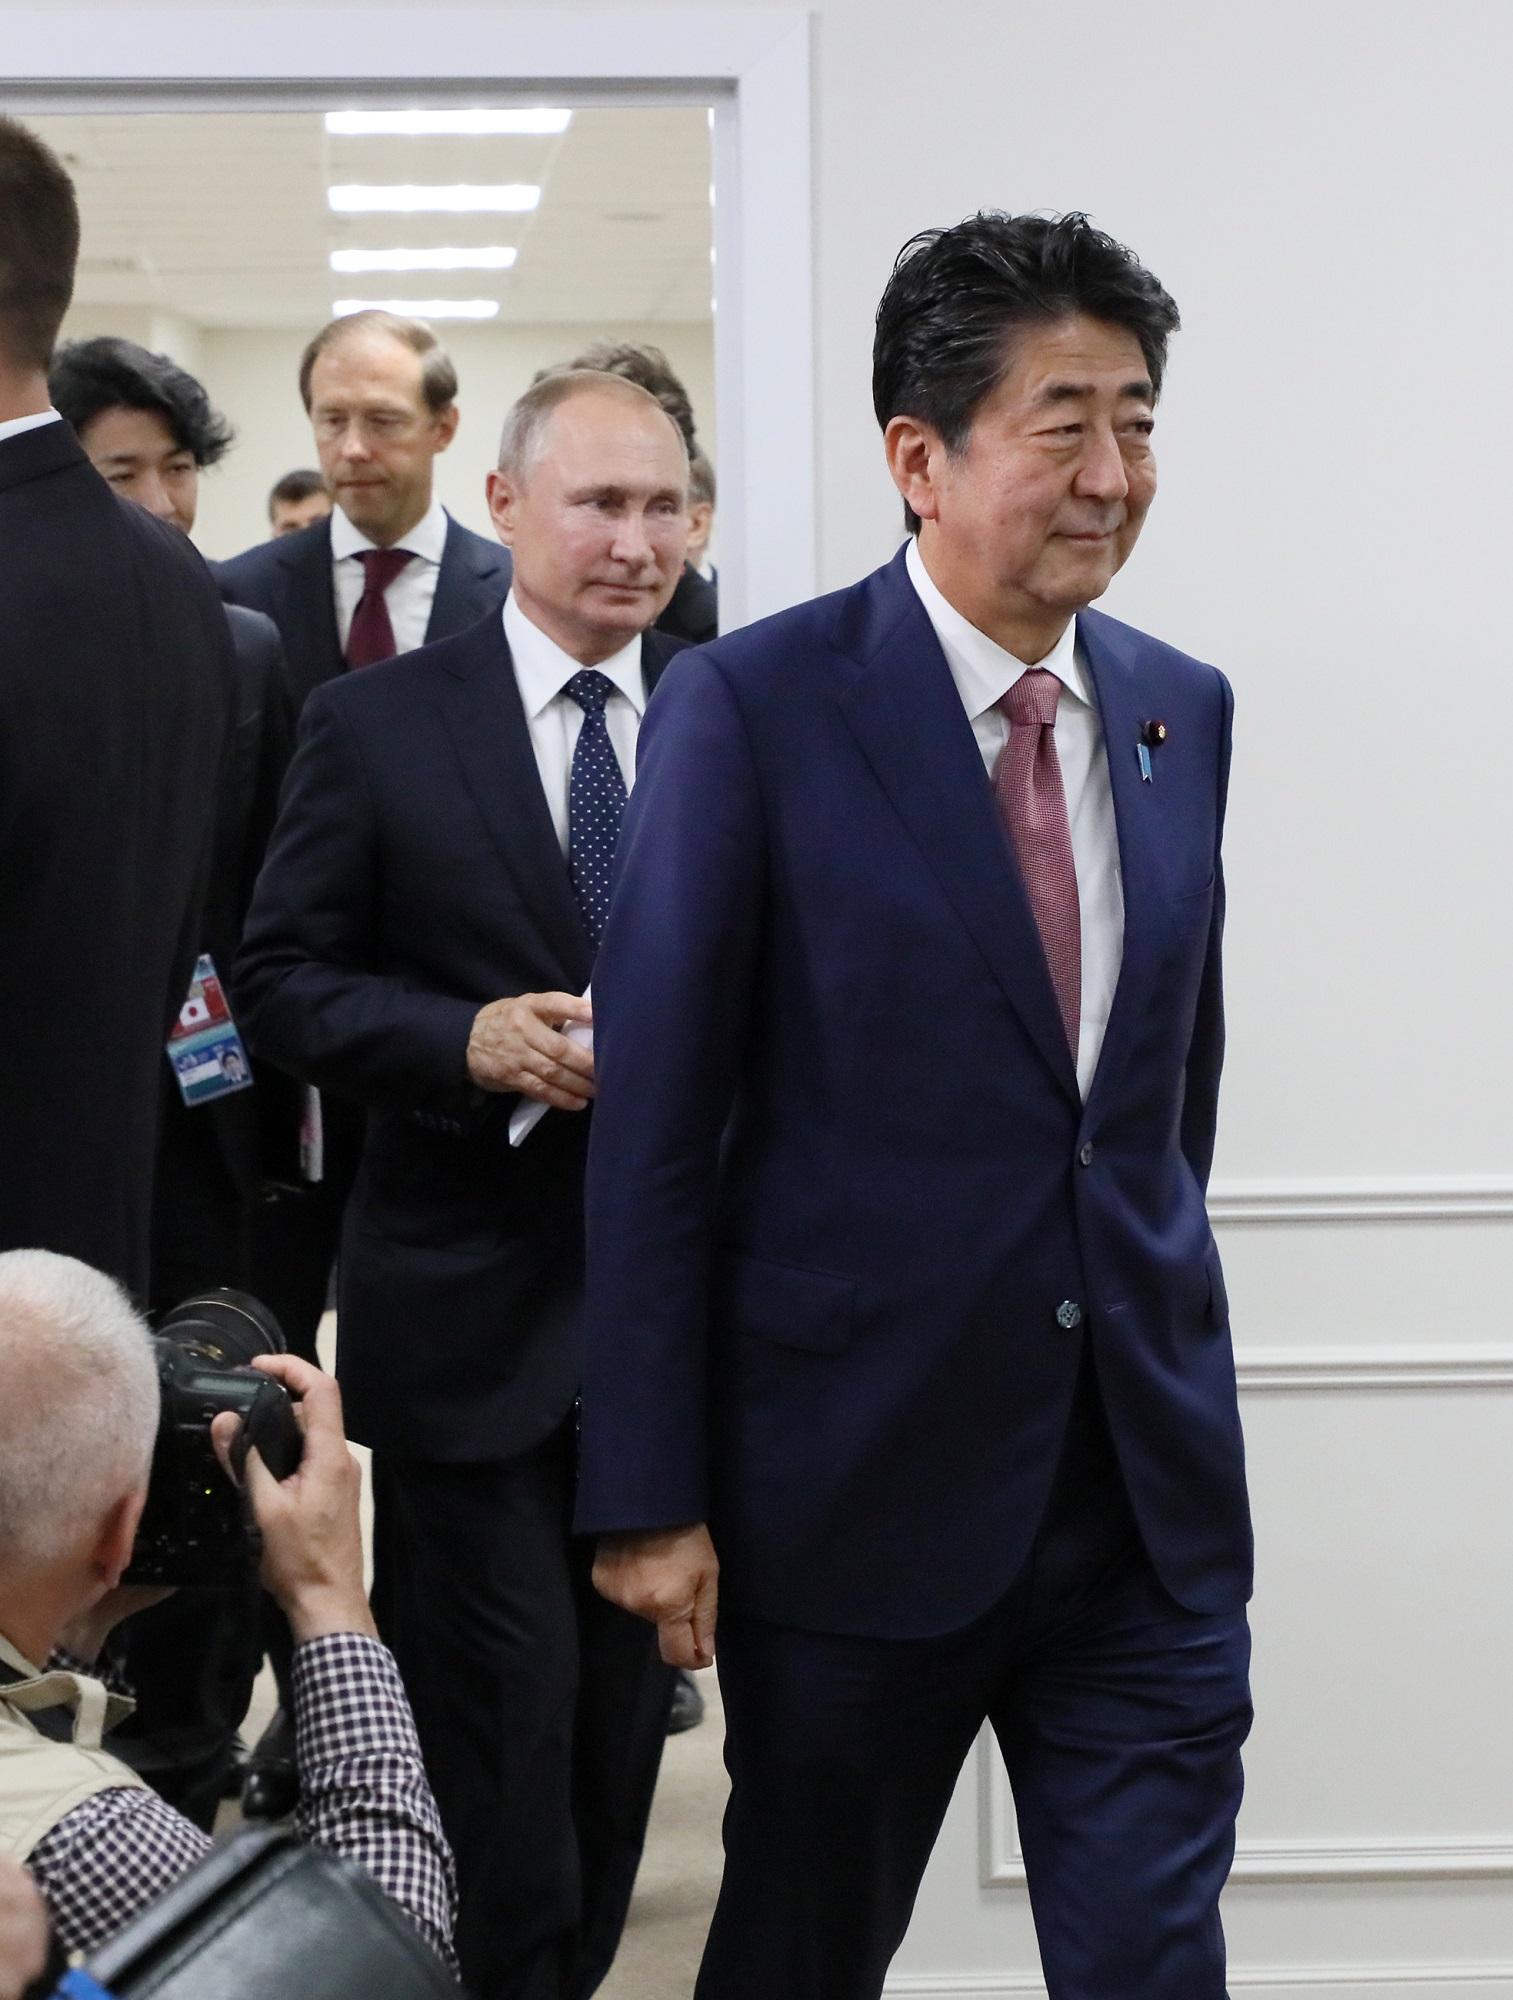 【北方領土】プーチン露大統領「スターリンがすべてを手に入れた。議論は終わりだ」